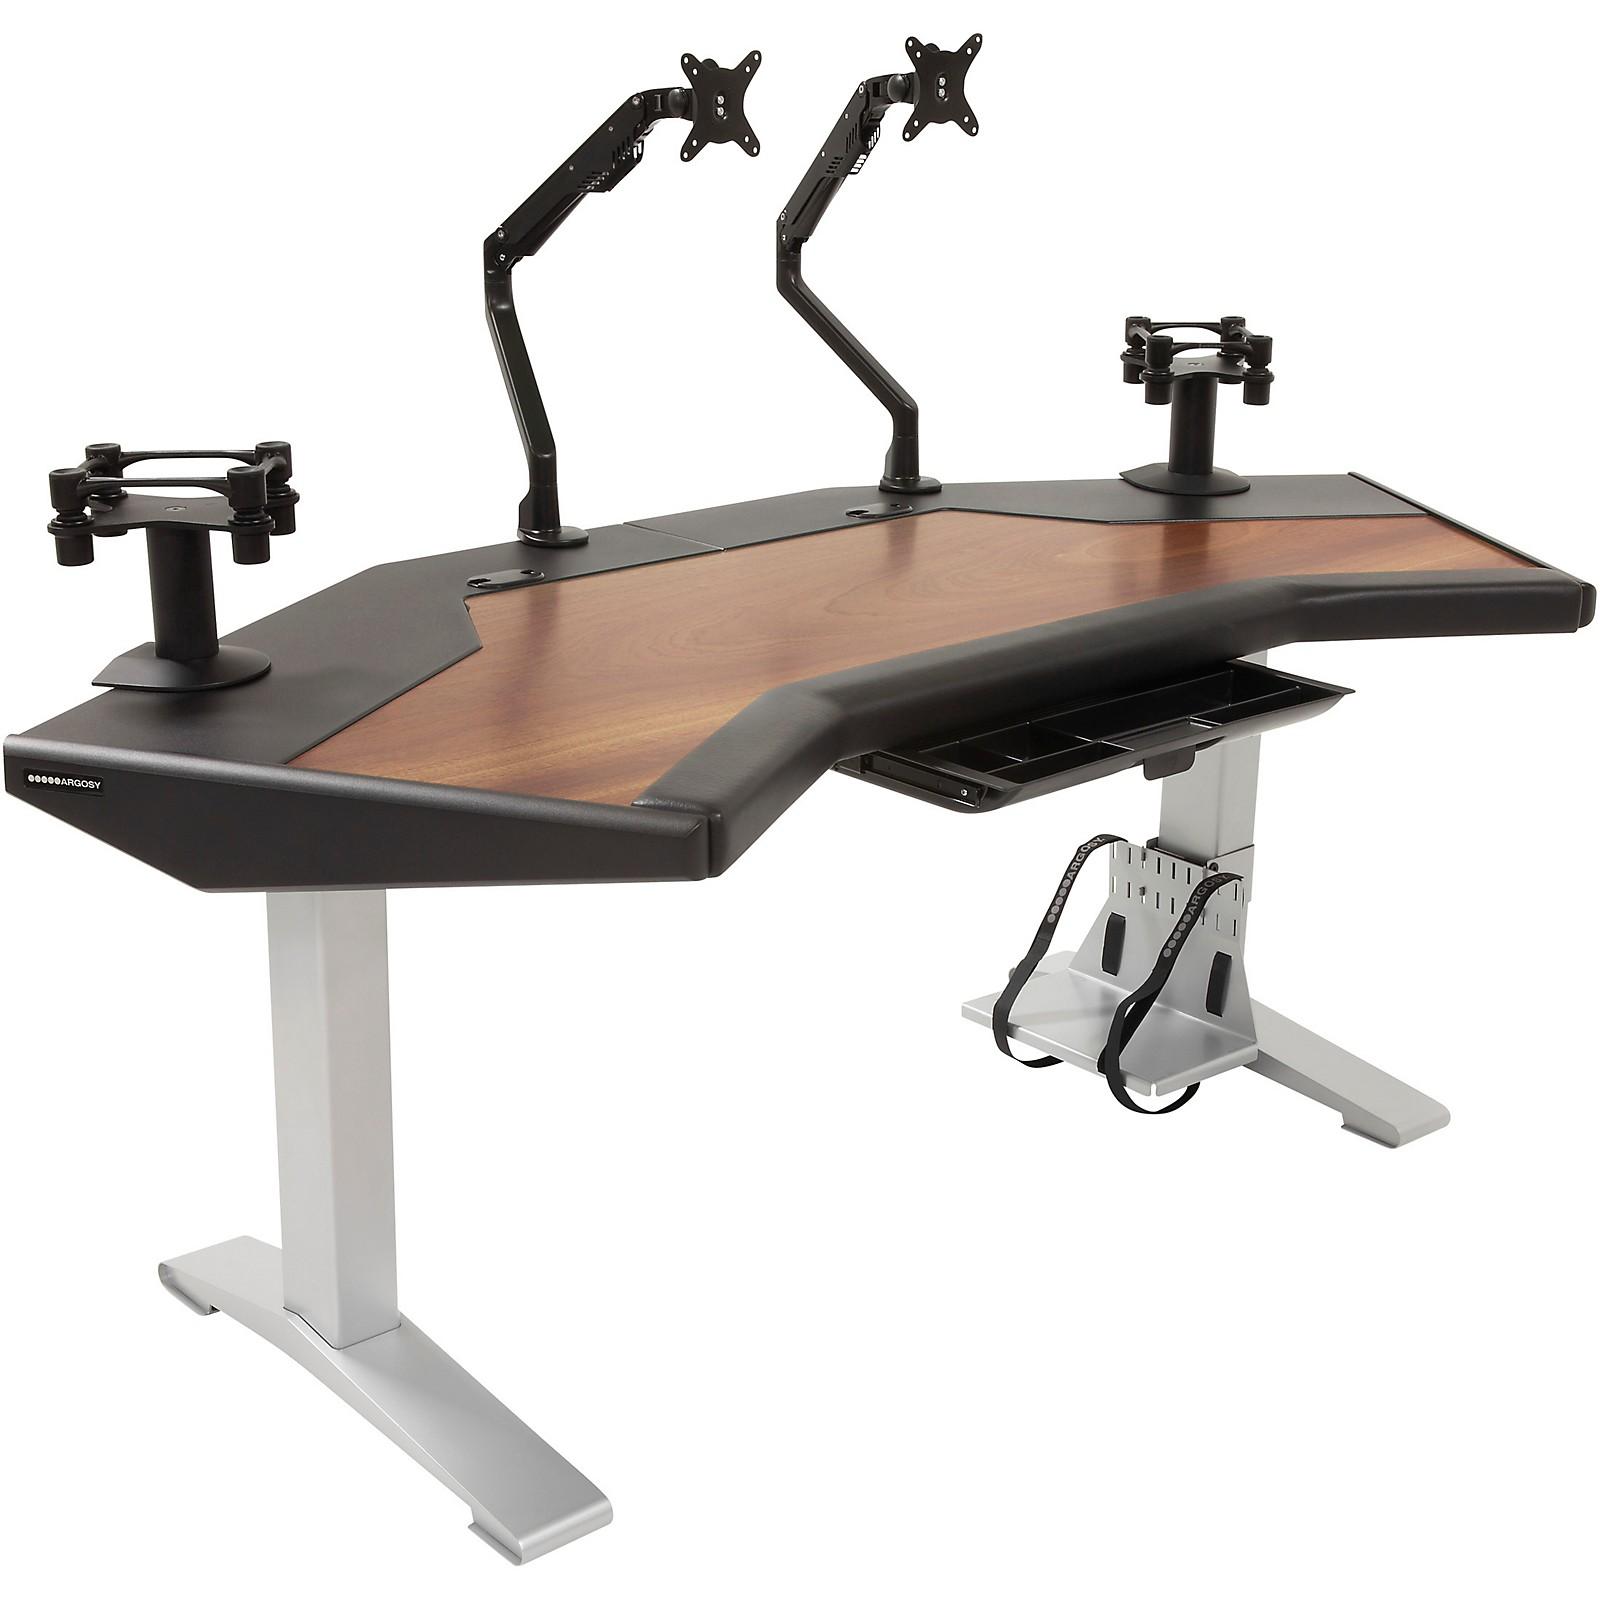 Argosy Halo G XC Ultimate Desk with Mahogany Surface